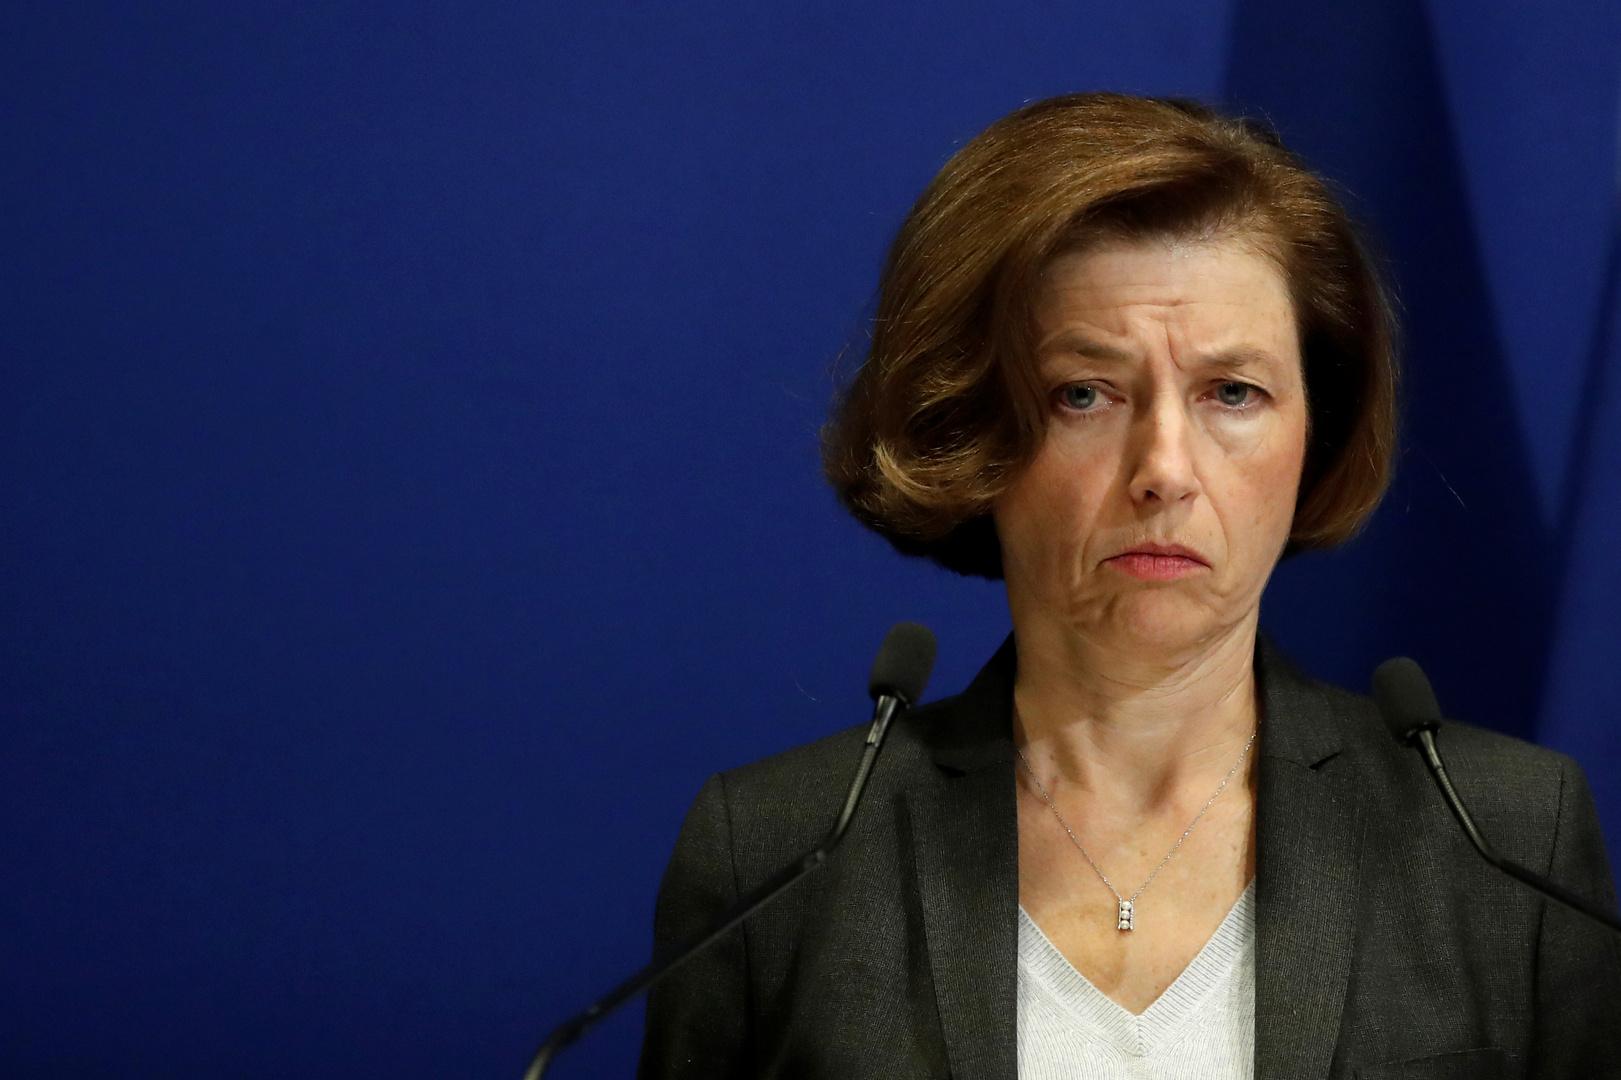 وزيرة الجيوش الفرنسية فلورانس بارلي خلال مشاركتها في منتدى